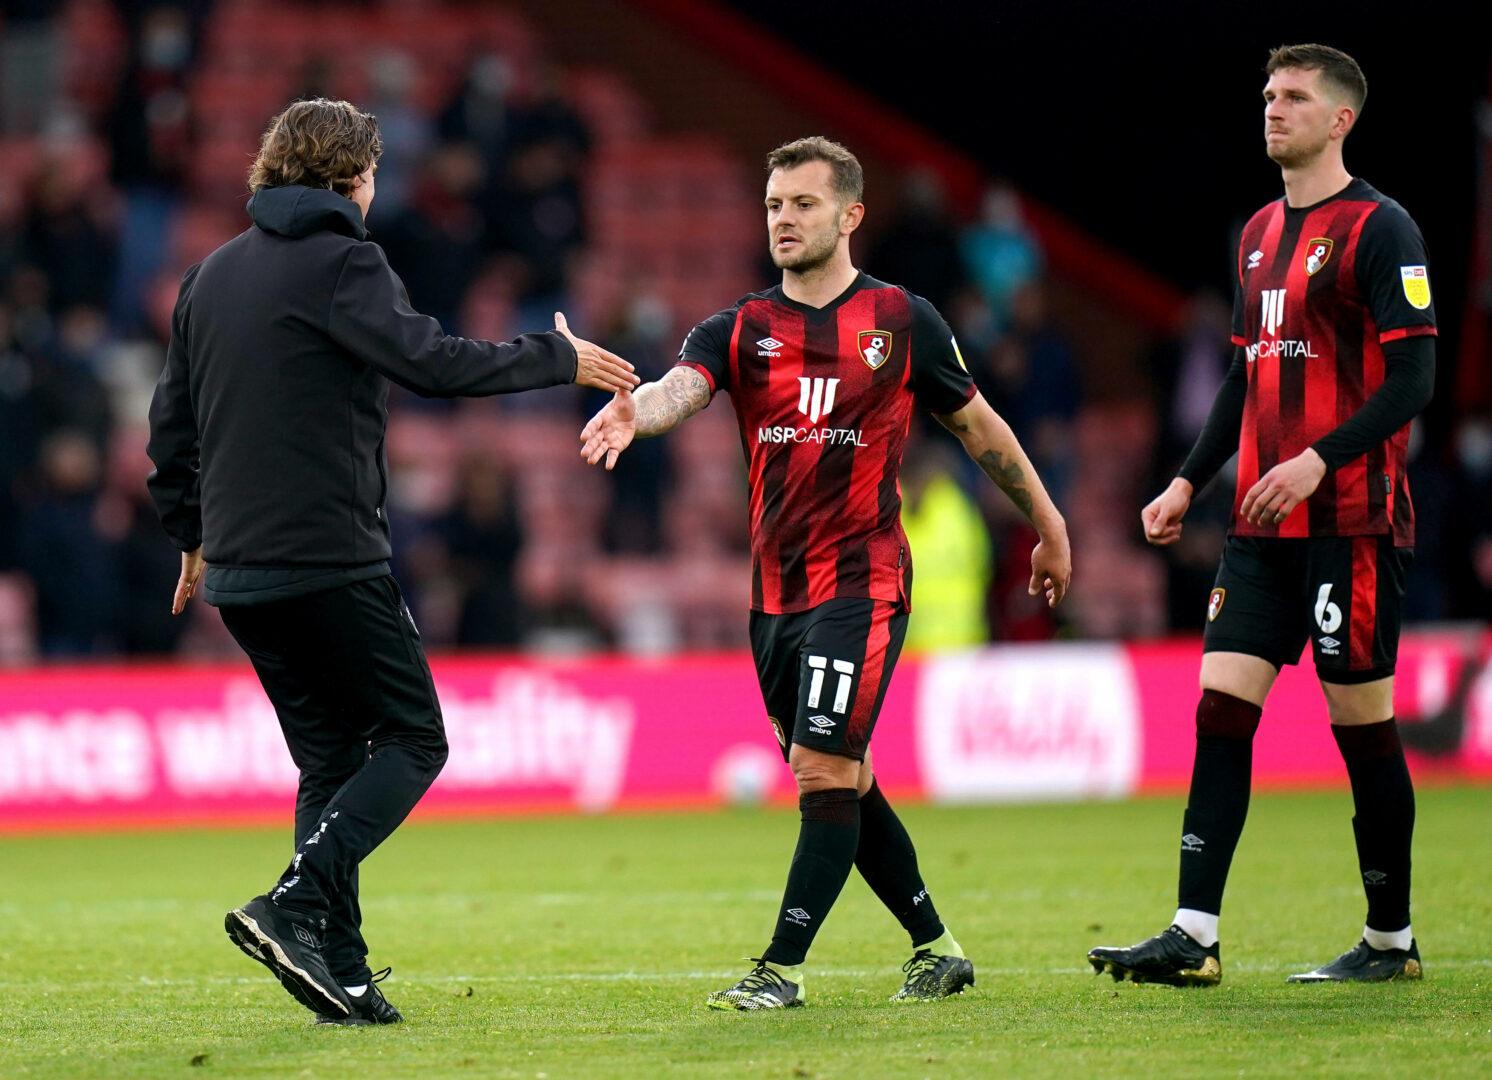 Jack Wilshere im Trikot des AFC Bournemouth